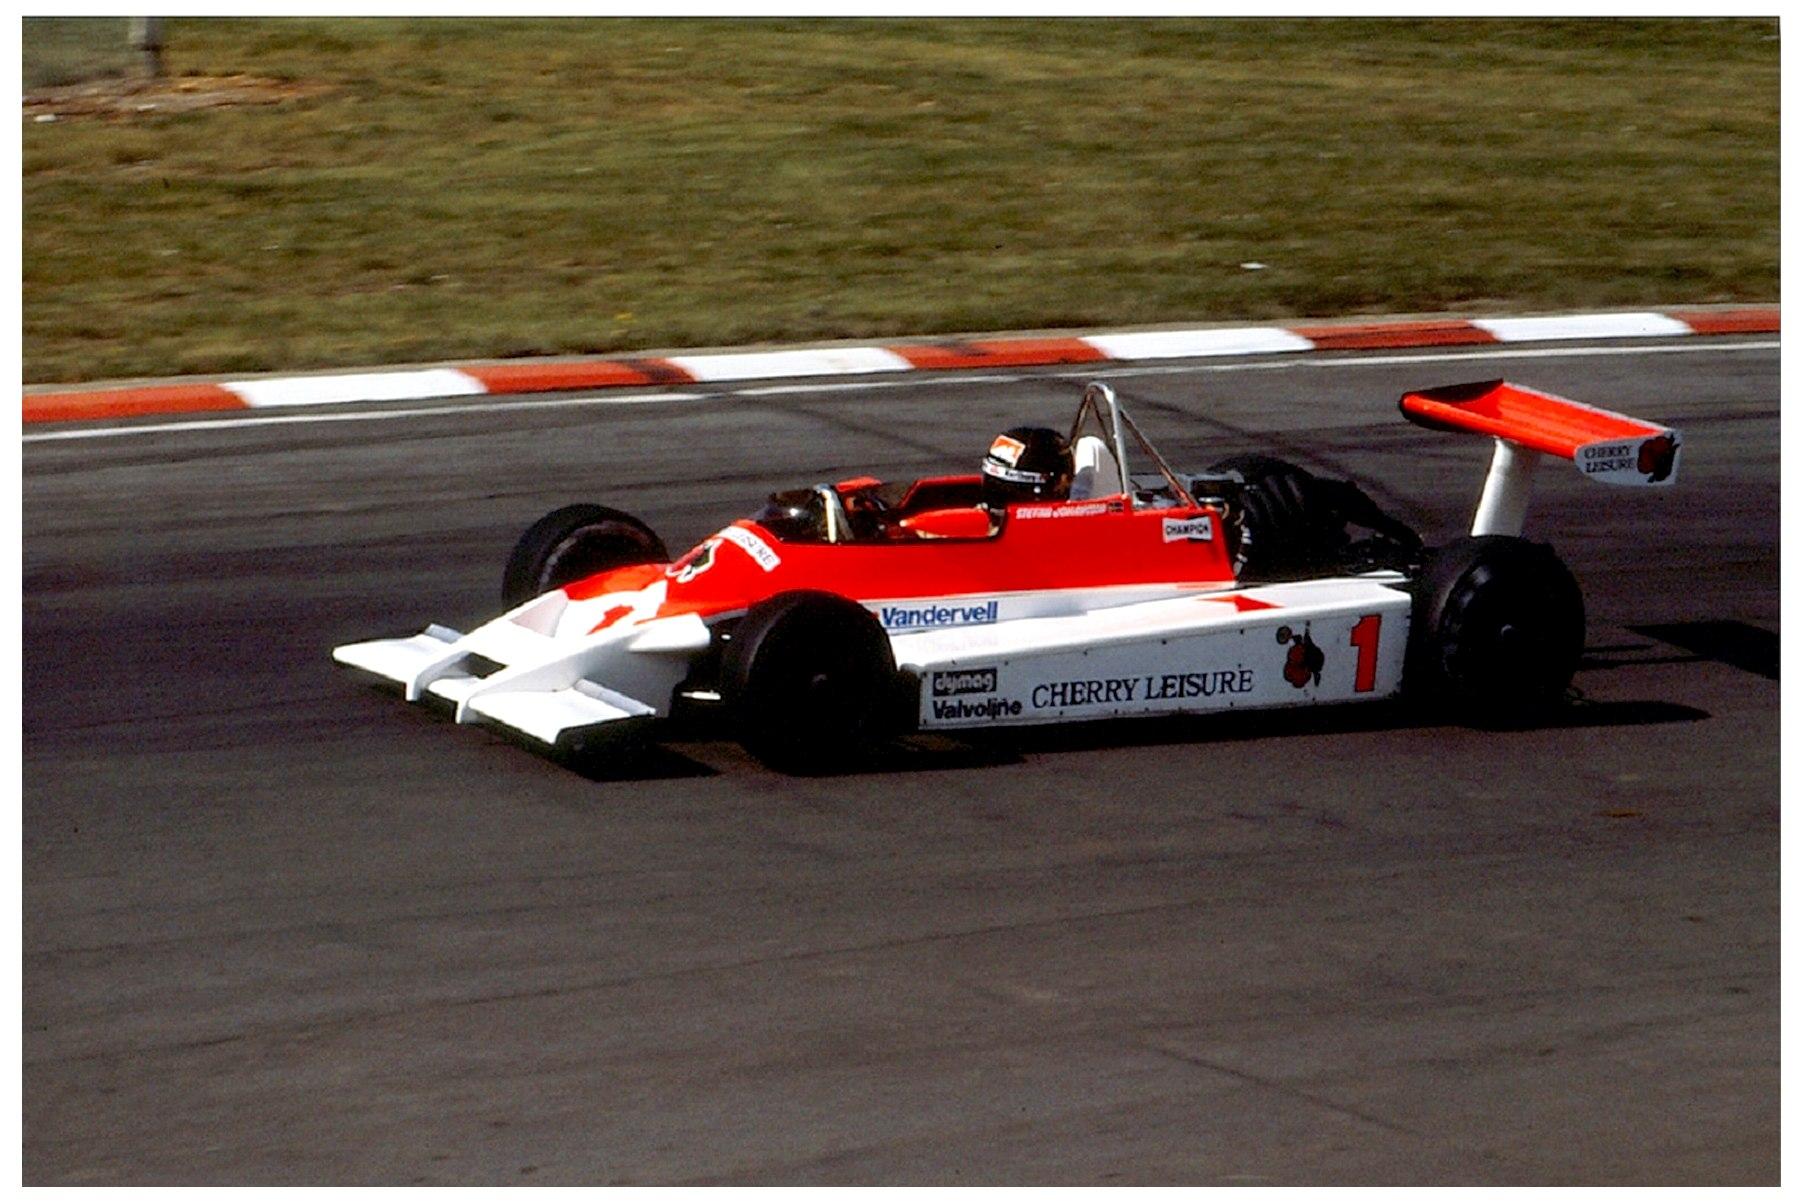 Stefan Johansson-March-Toyota-803-British-F3-Championship-1980-British-GP-BrandsHatch.jpg